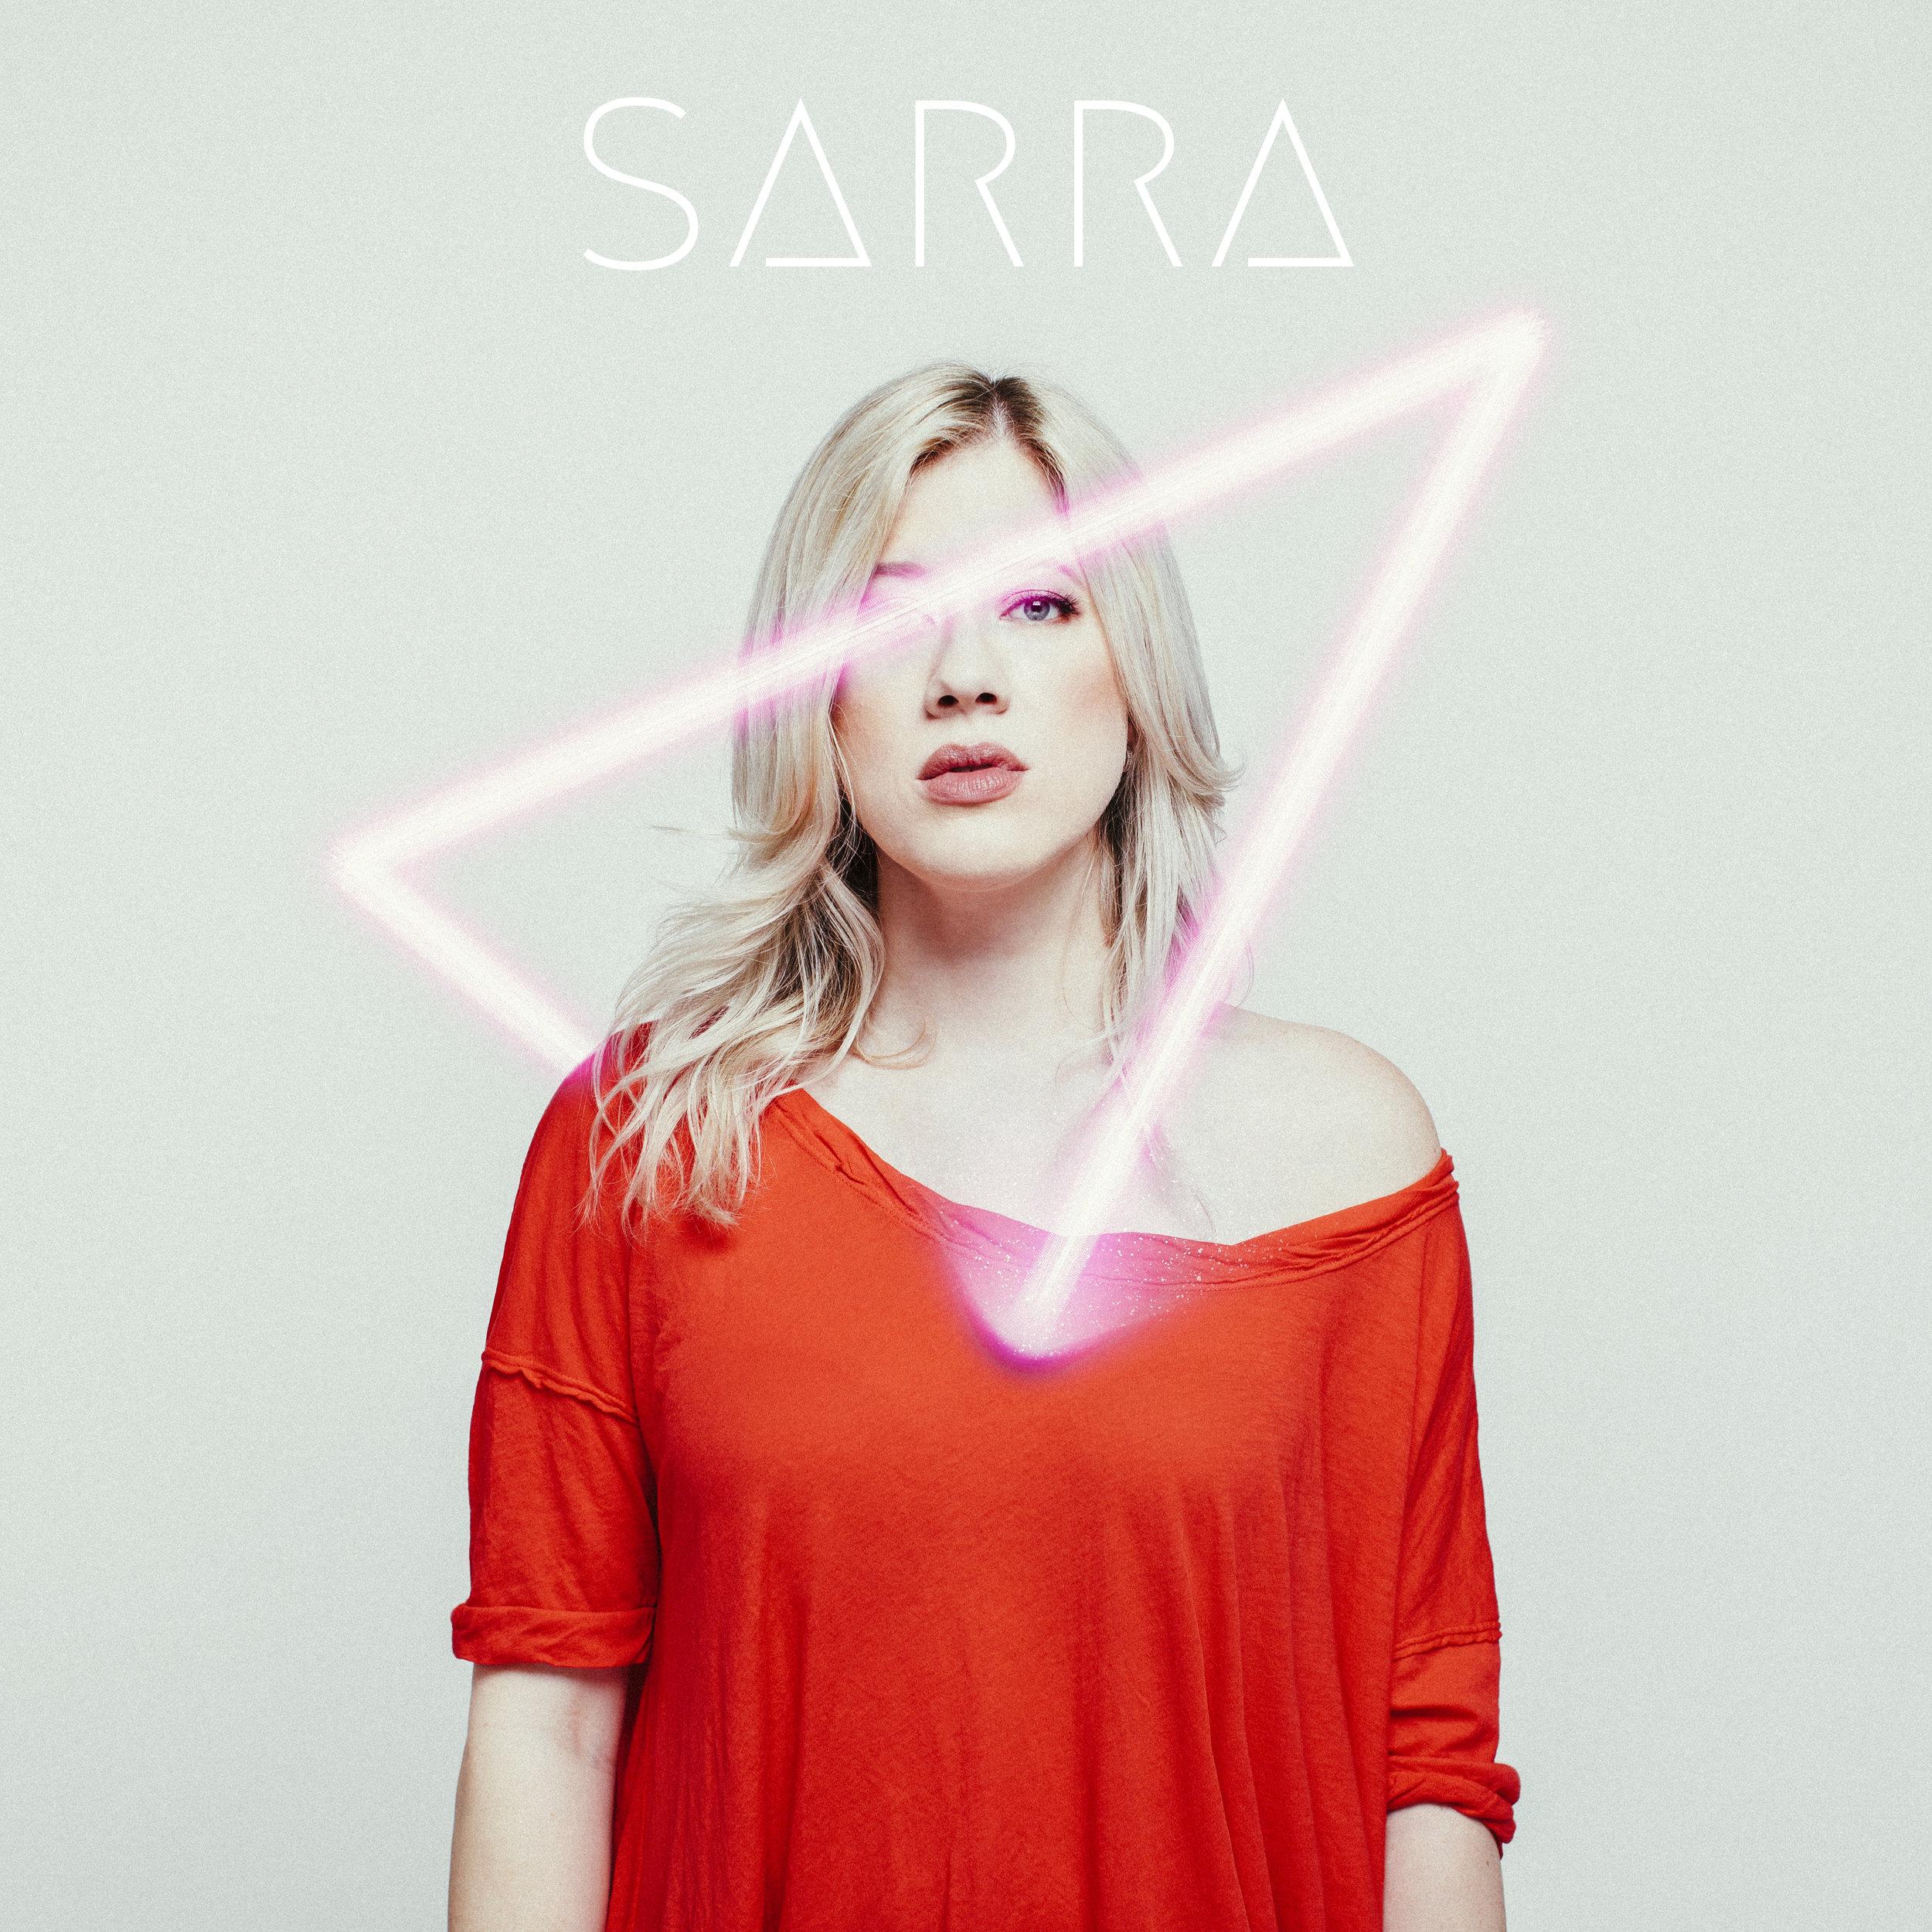 SARRA Out 1.25.19